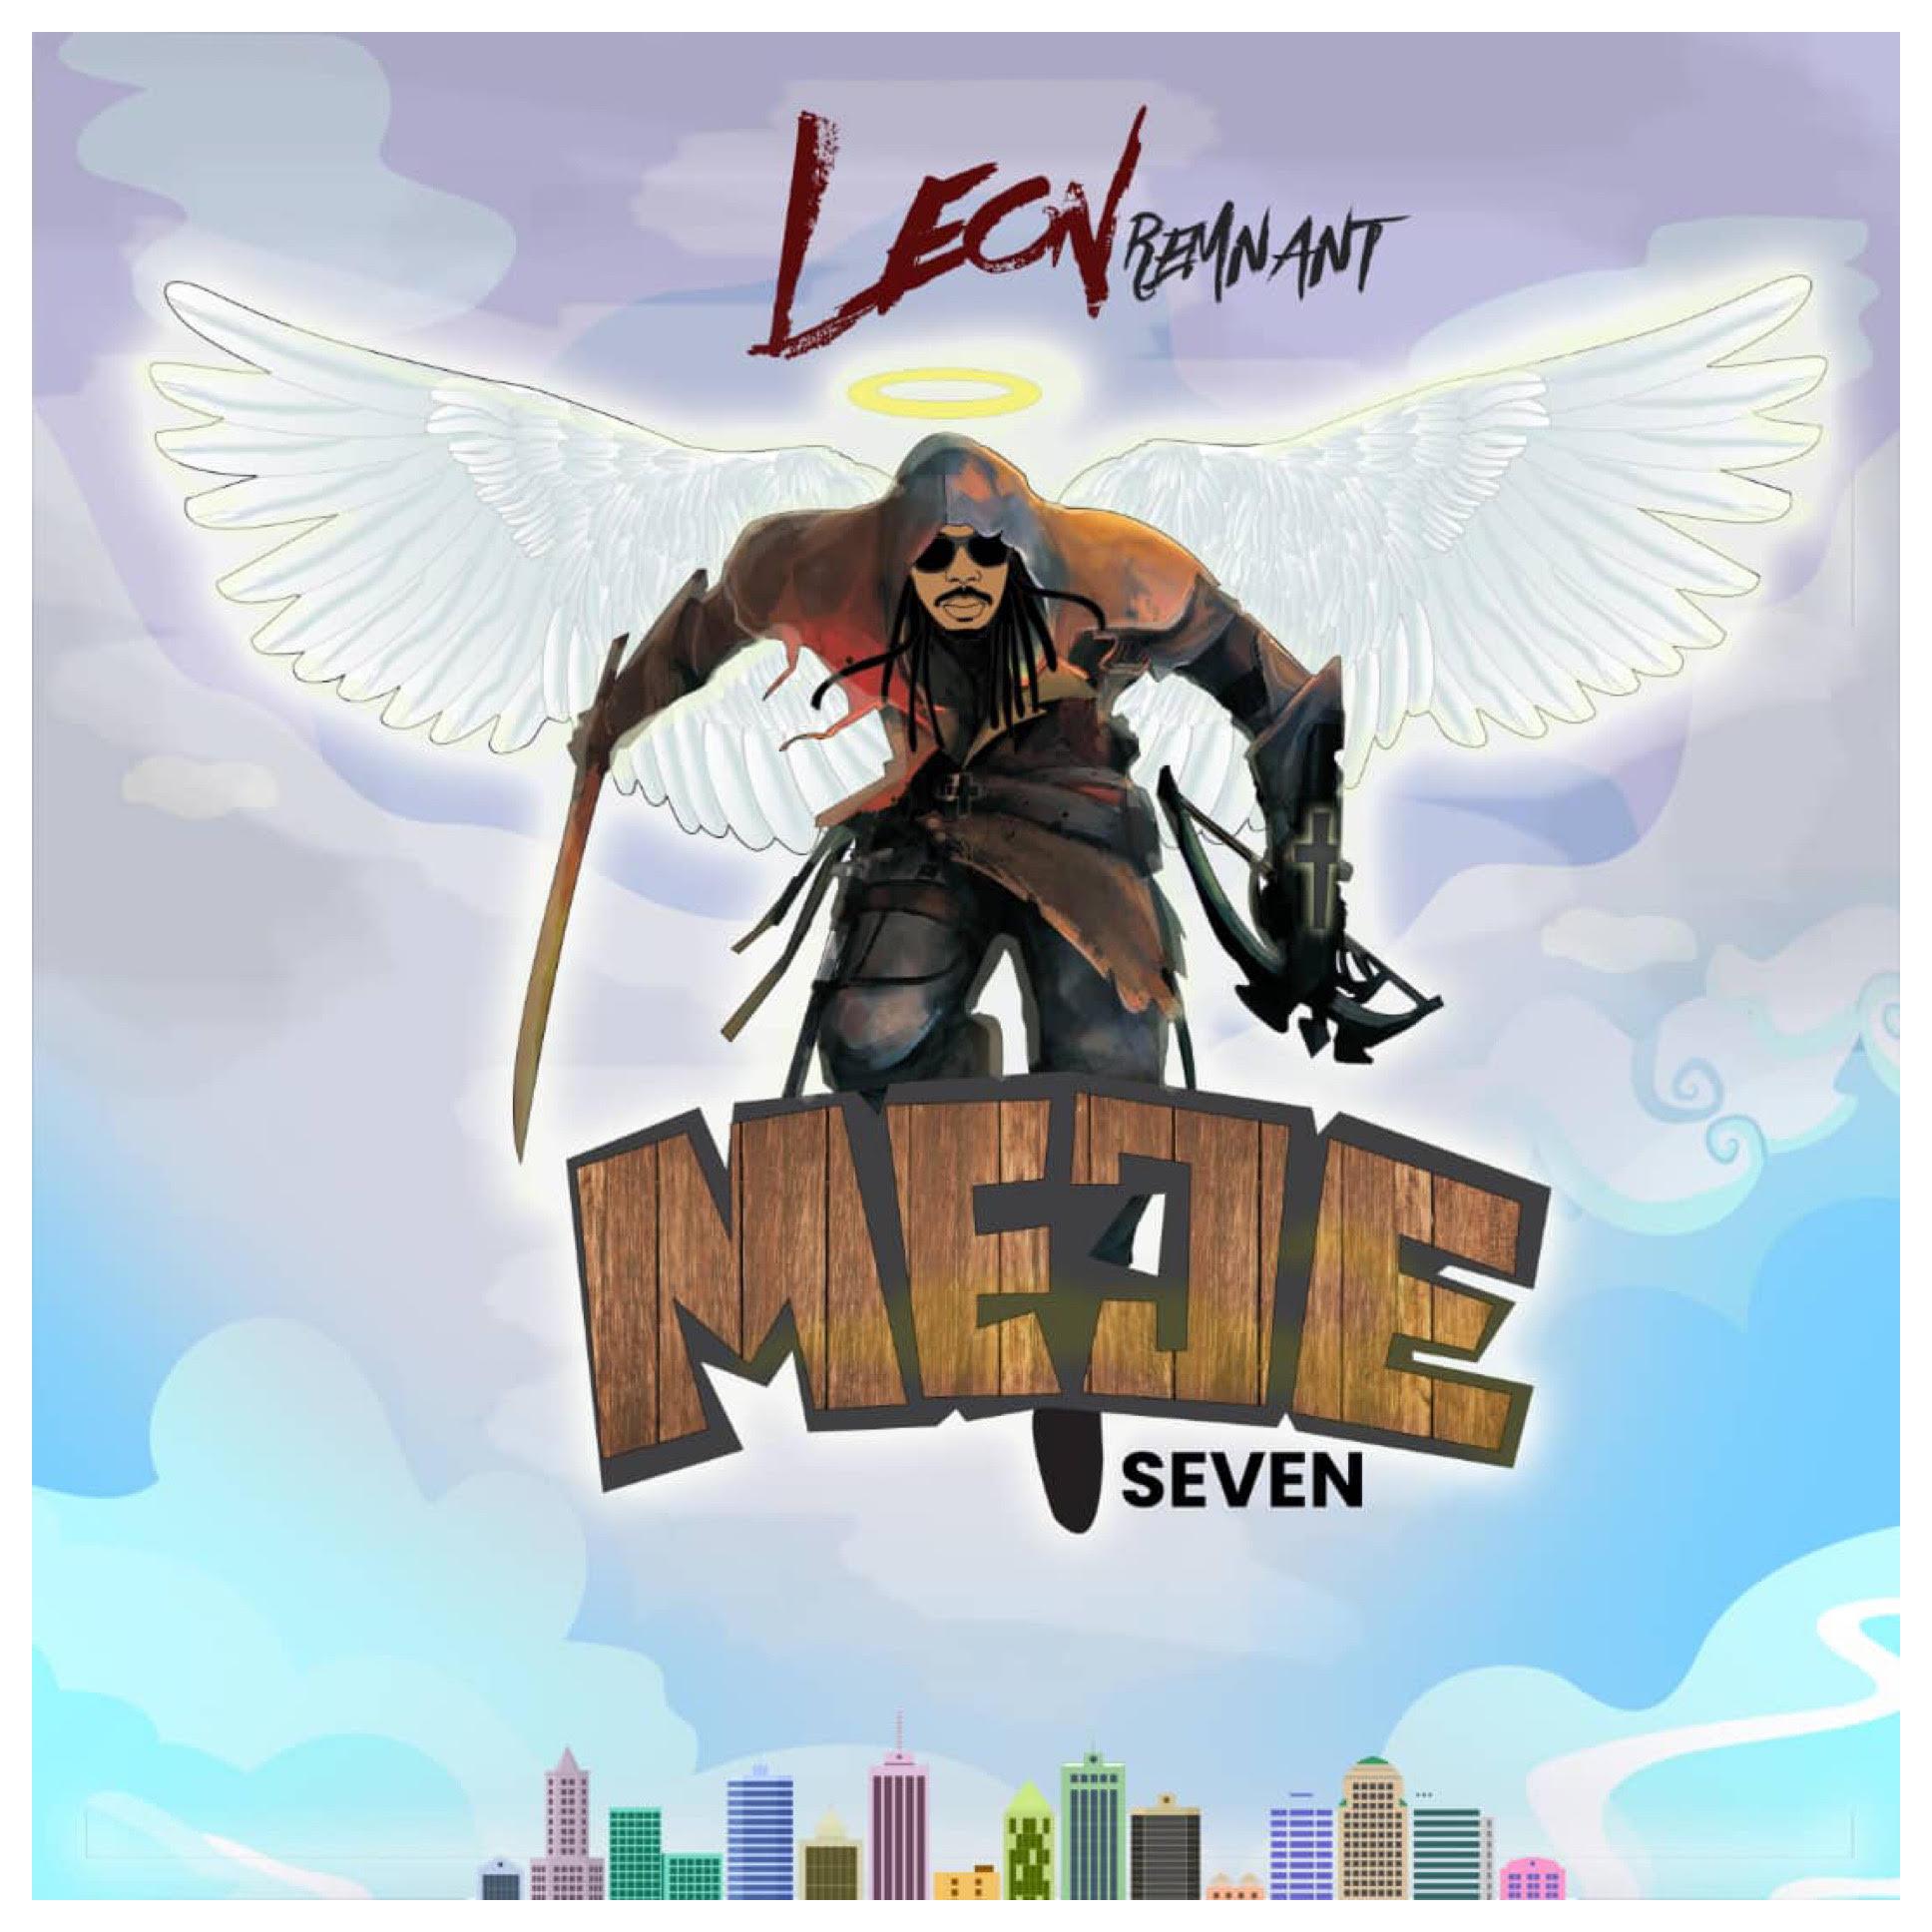 Leon Remnant - Meje (Seven)